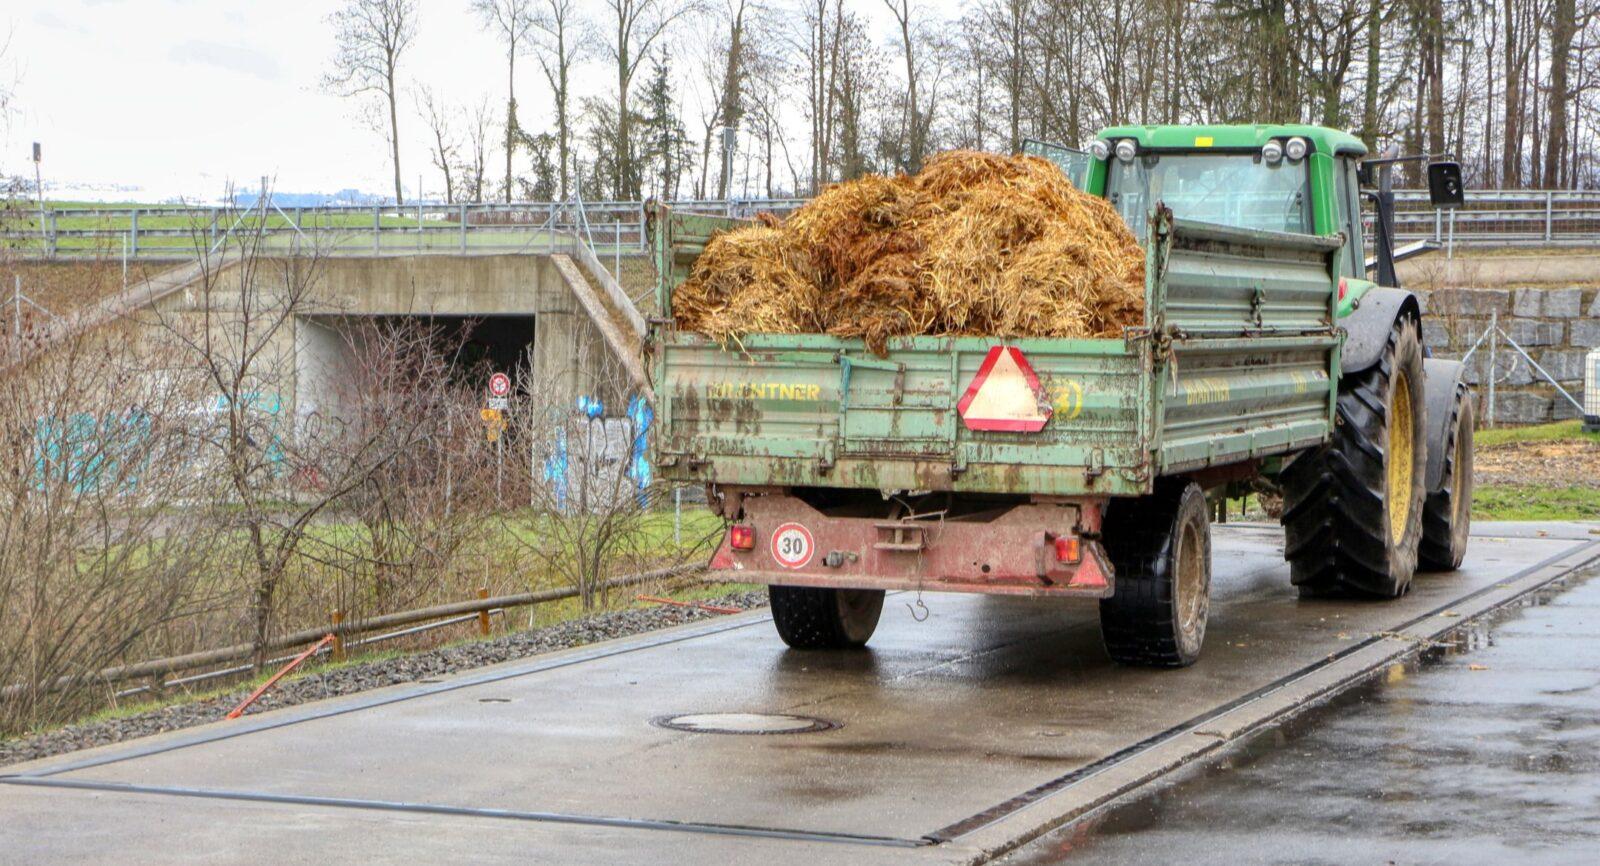 Trockenes Gärsubstrat wird nach wie vor mit landwirtschaftlichen Nutzfahrzeugen angeliefert.